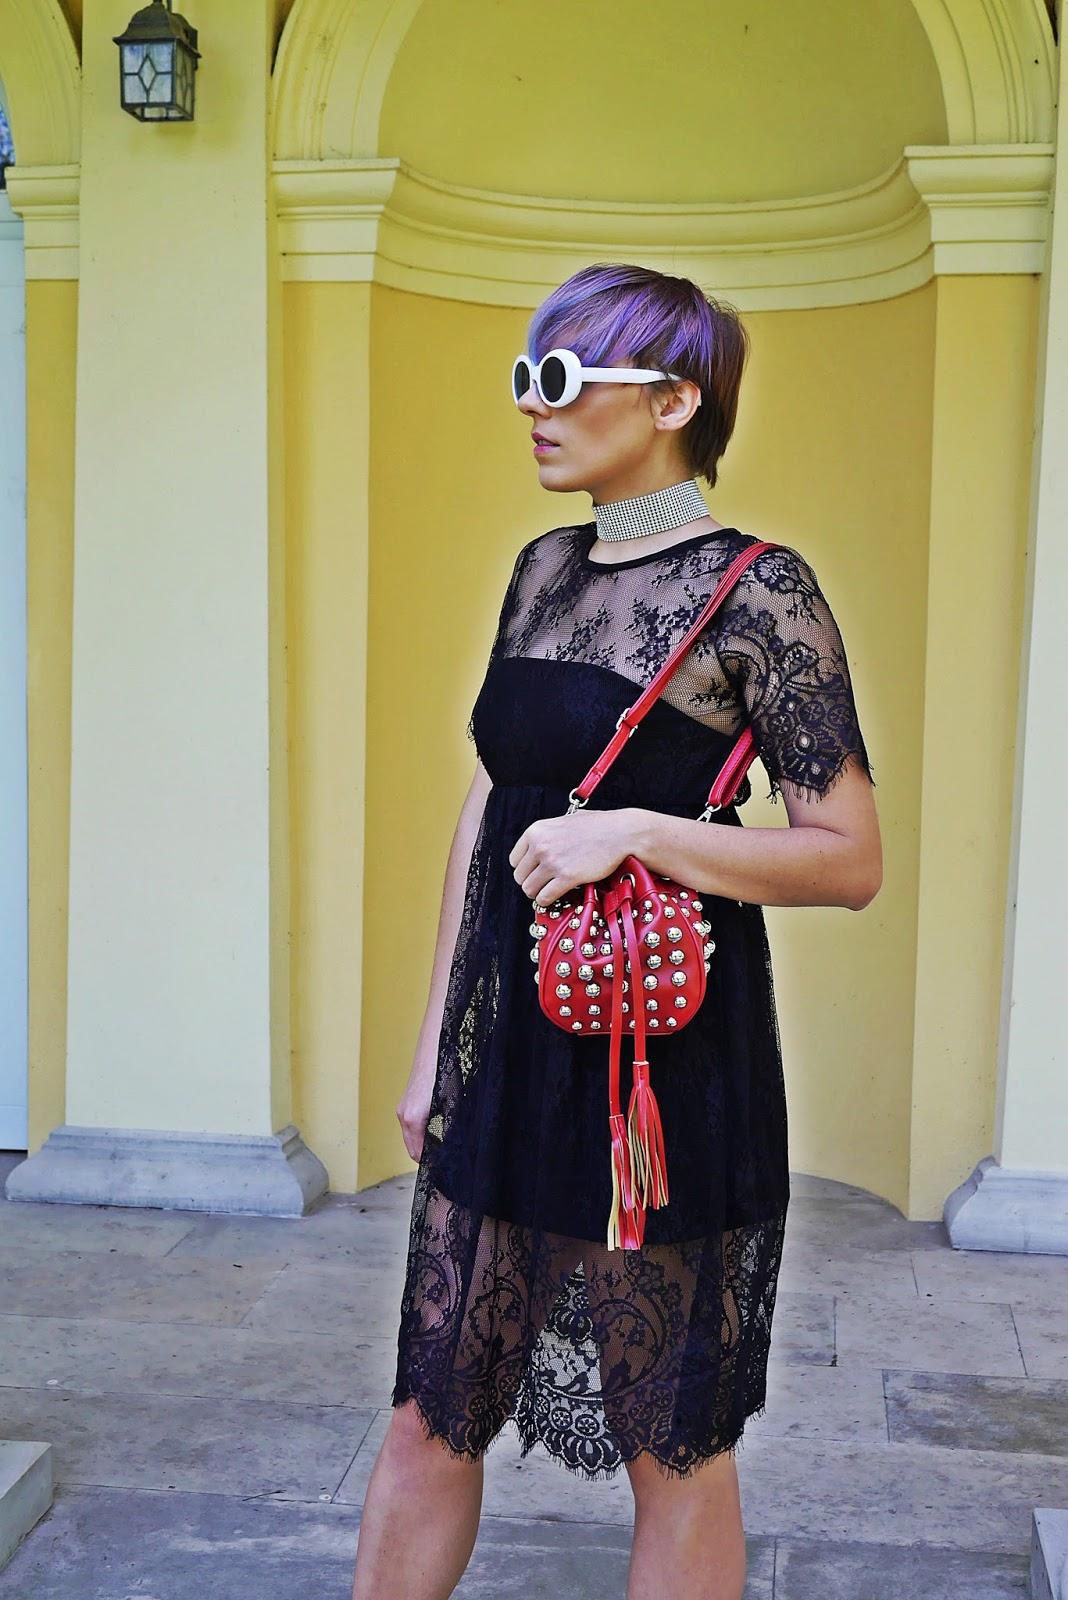 9_pulawy_blog_modowy_blogerka_modowa_karyn_gamiss_rosegal_1300917a